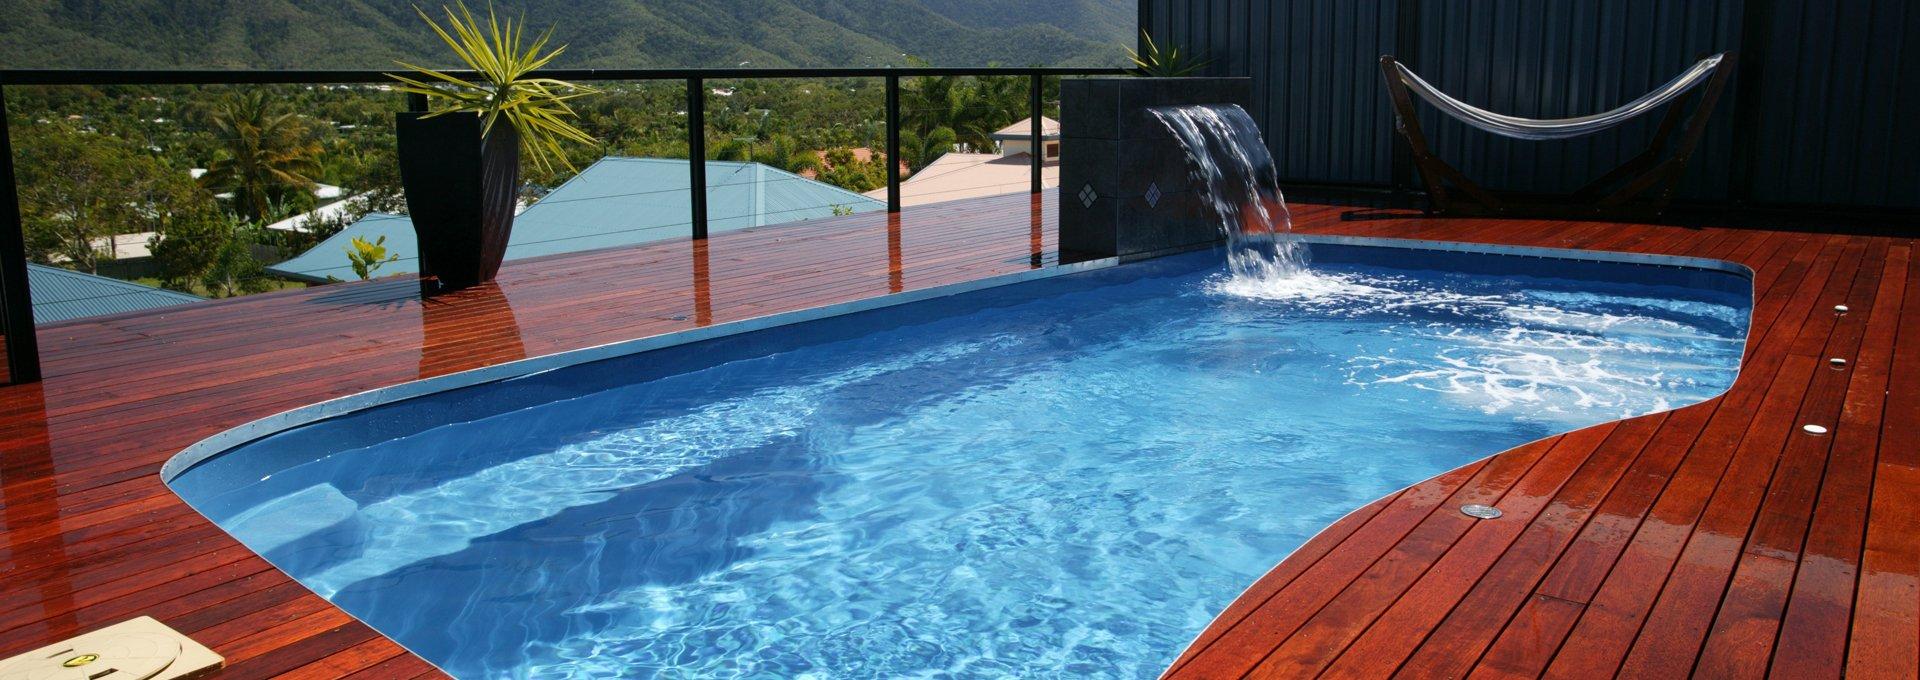 Pool solutions costa blanca - Swimming pool repairs costa blanca ...